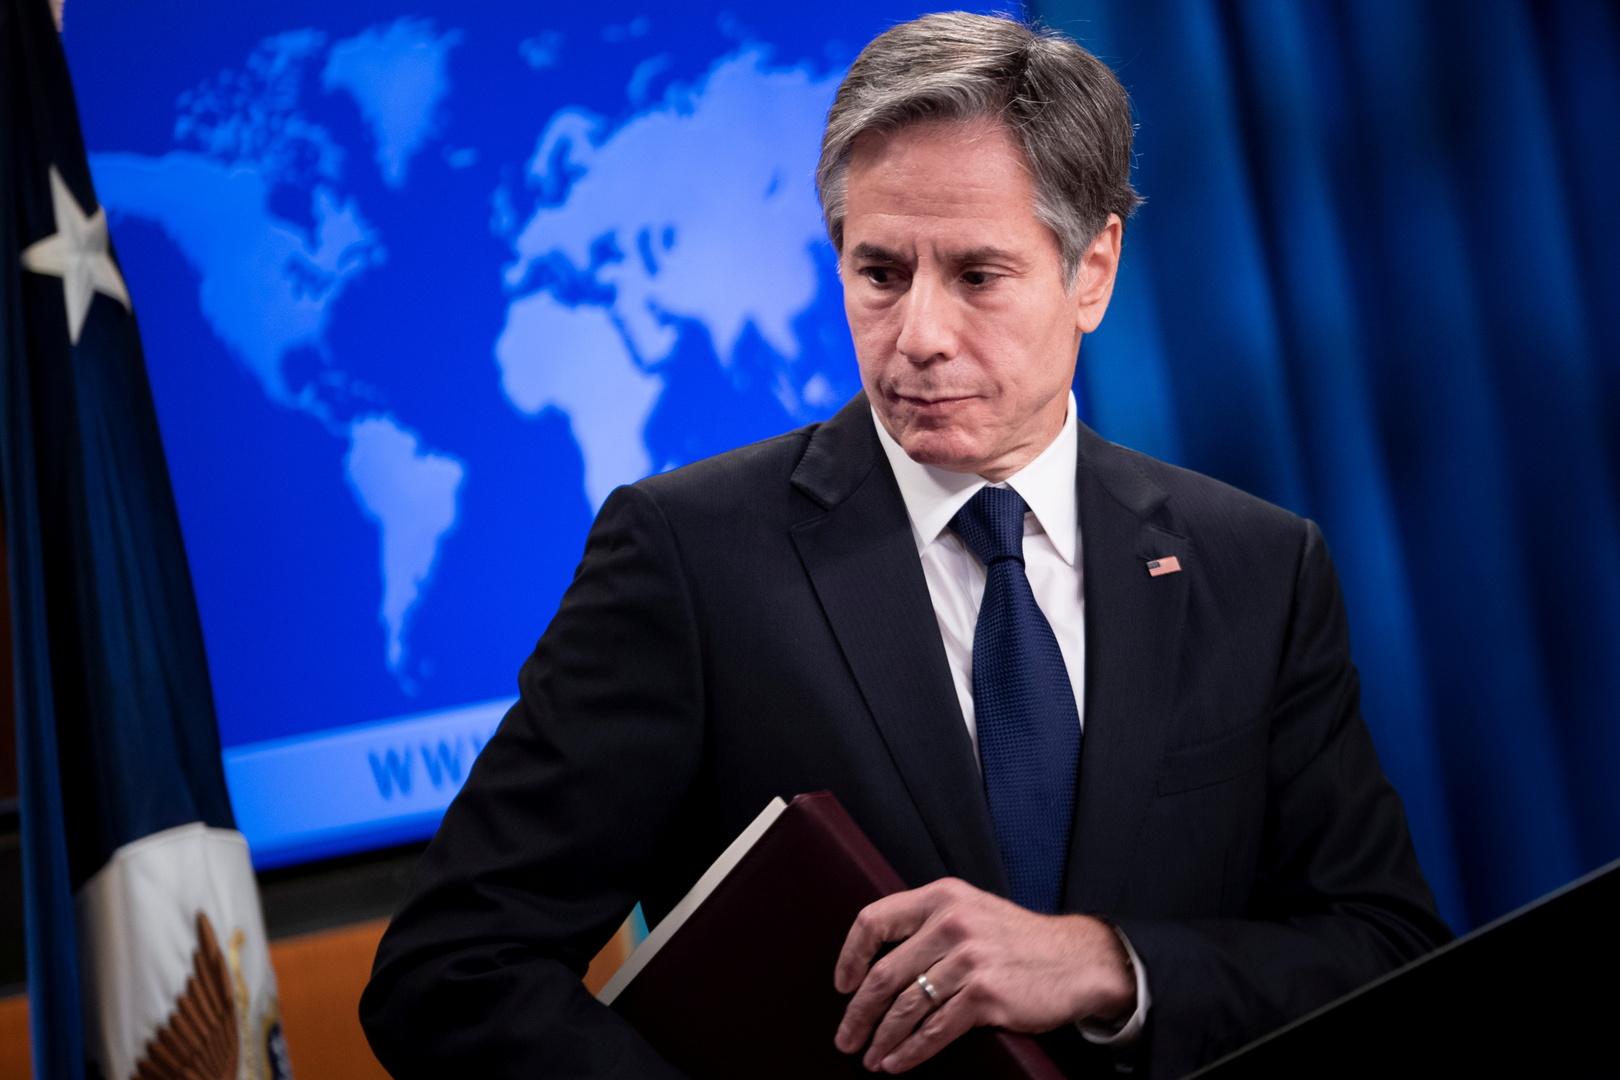 واشنطن تفرض قيودا على تأشيرات دخول مسؤولين